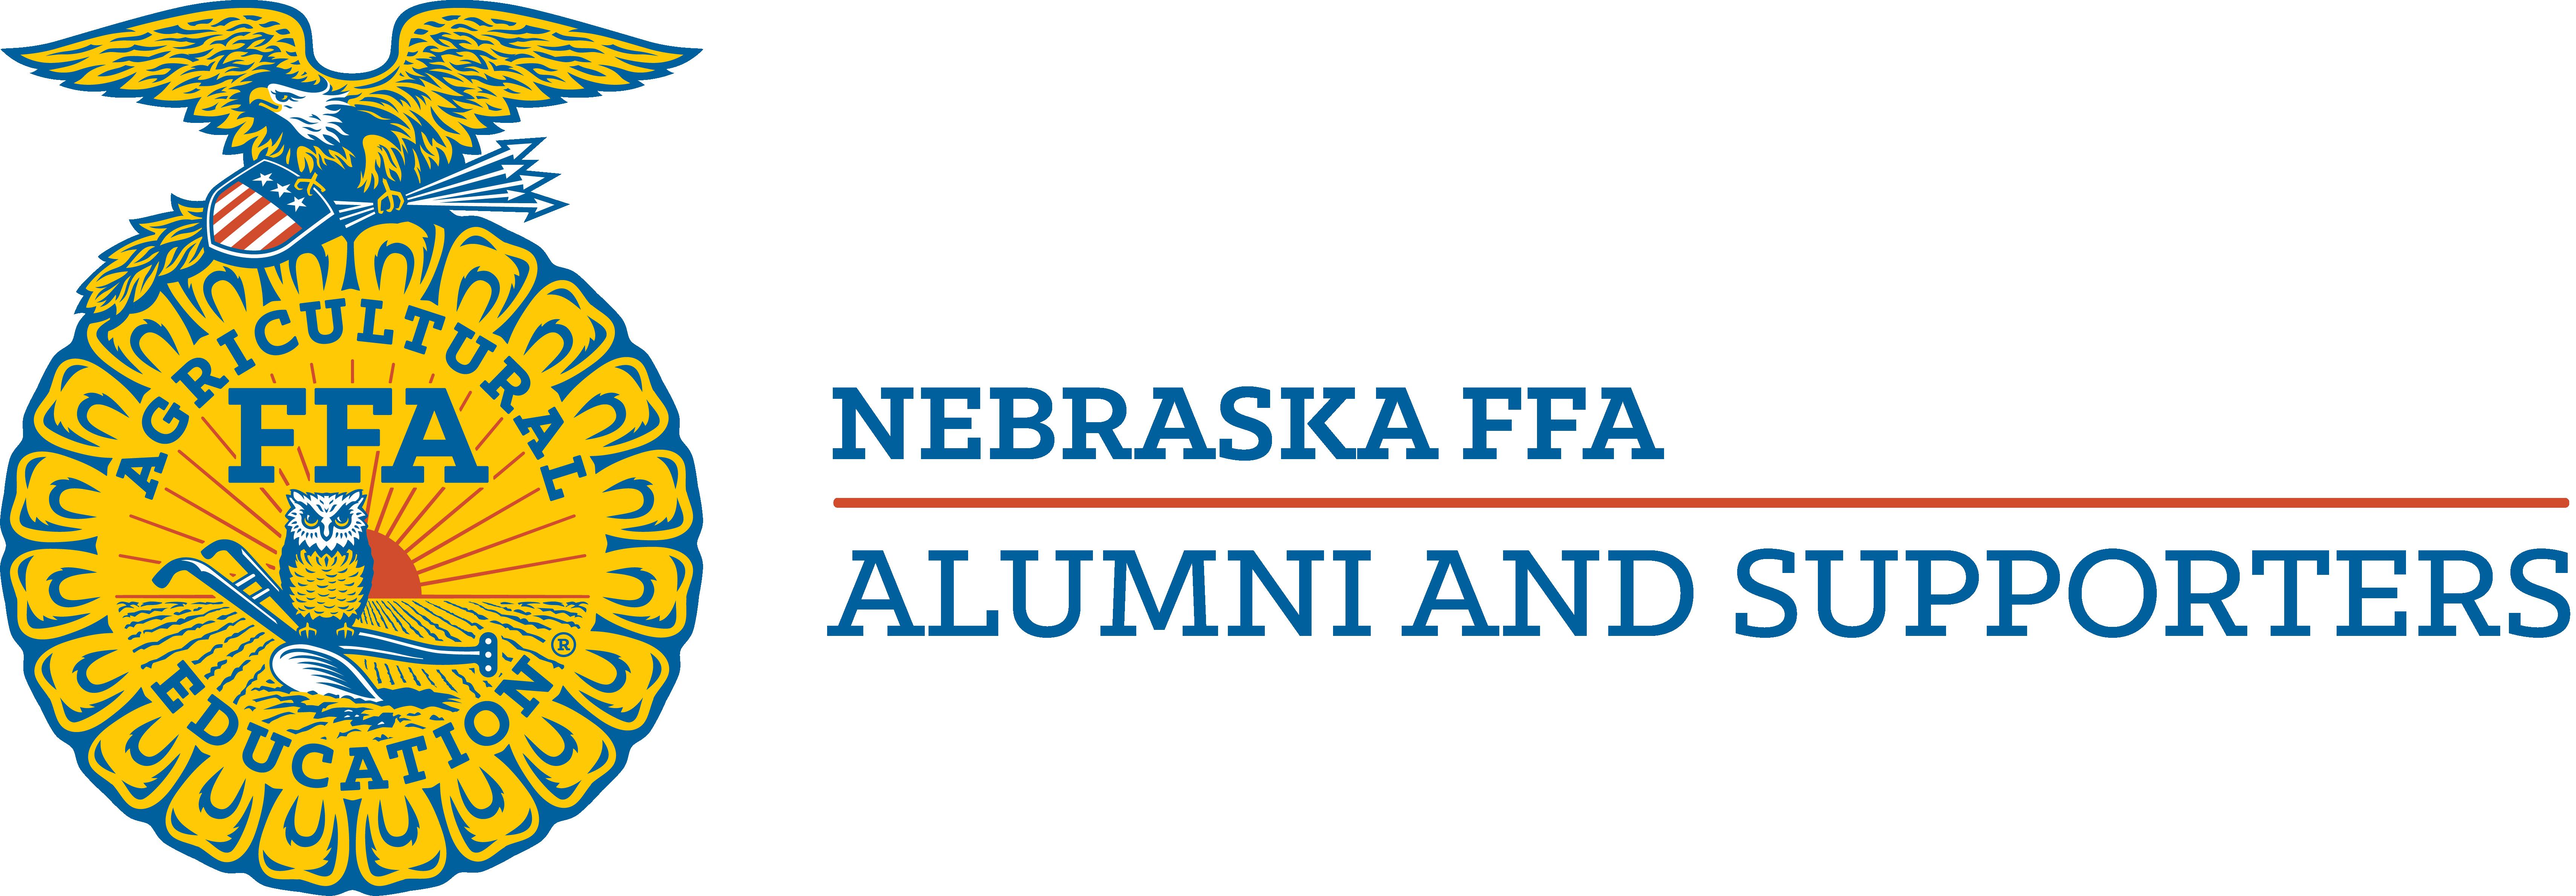 Nebraska FFA Alumni